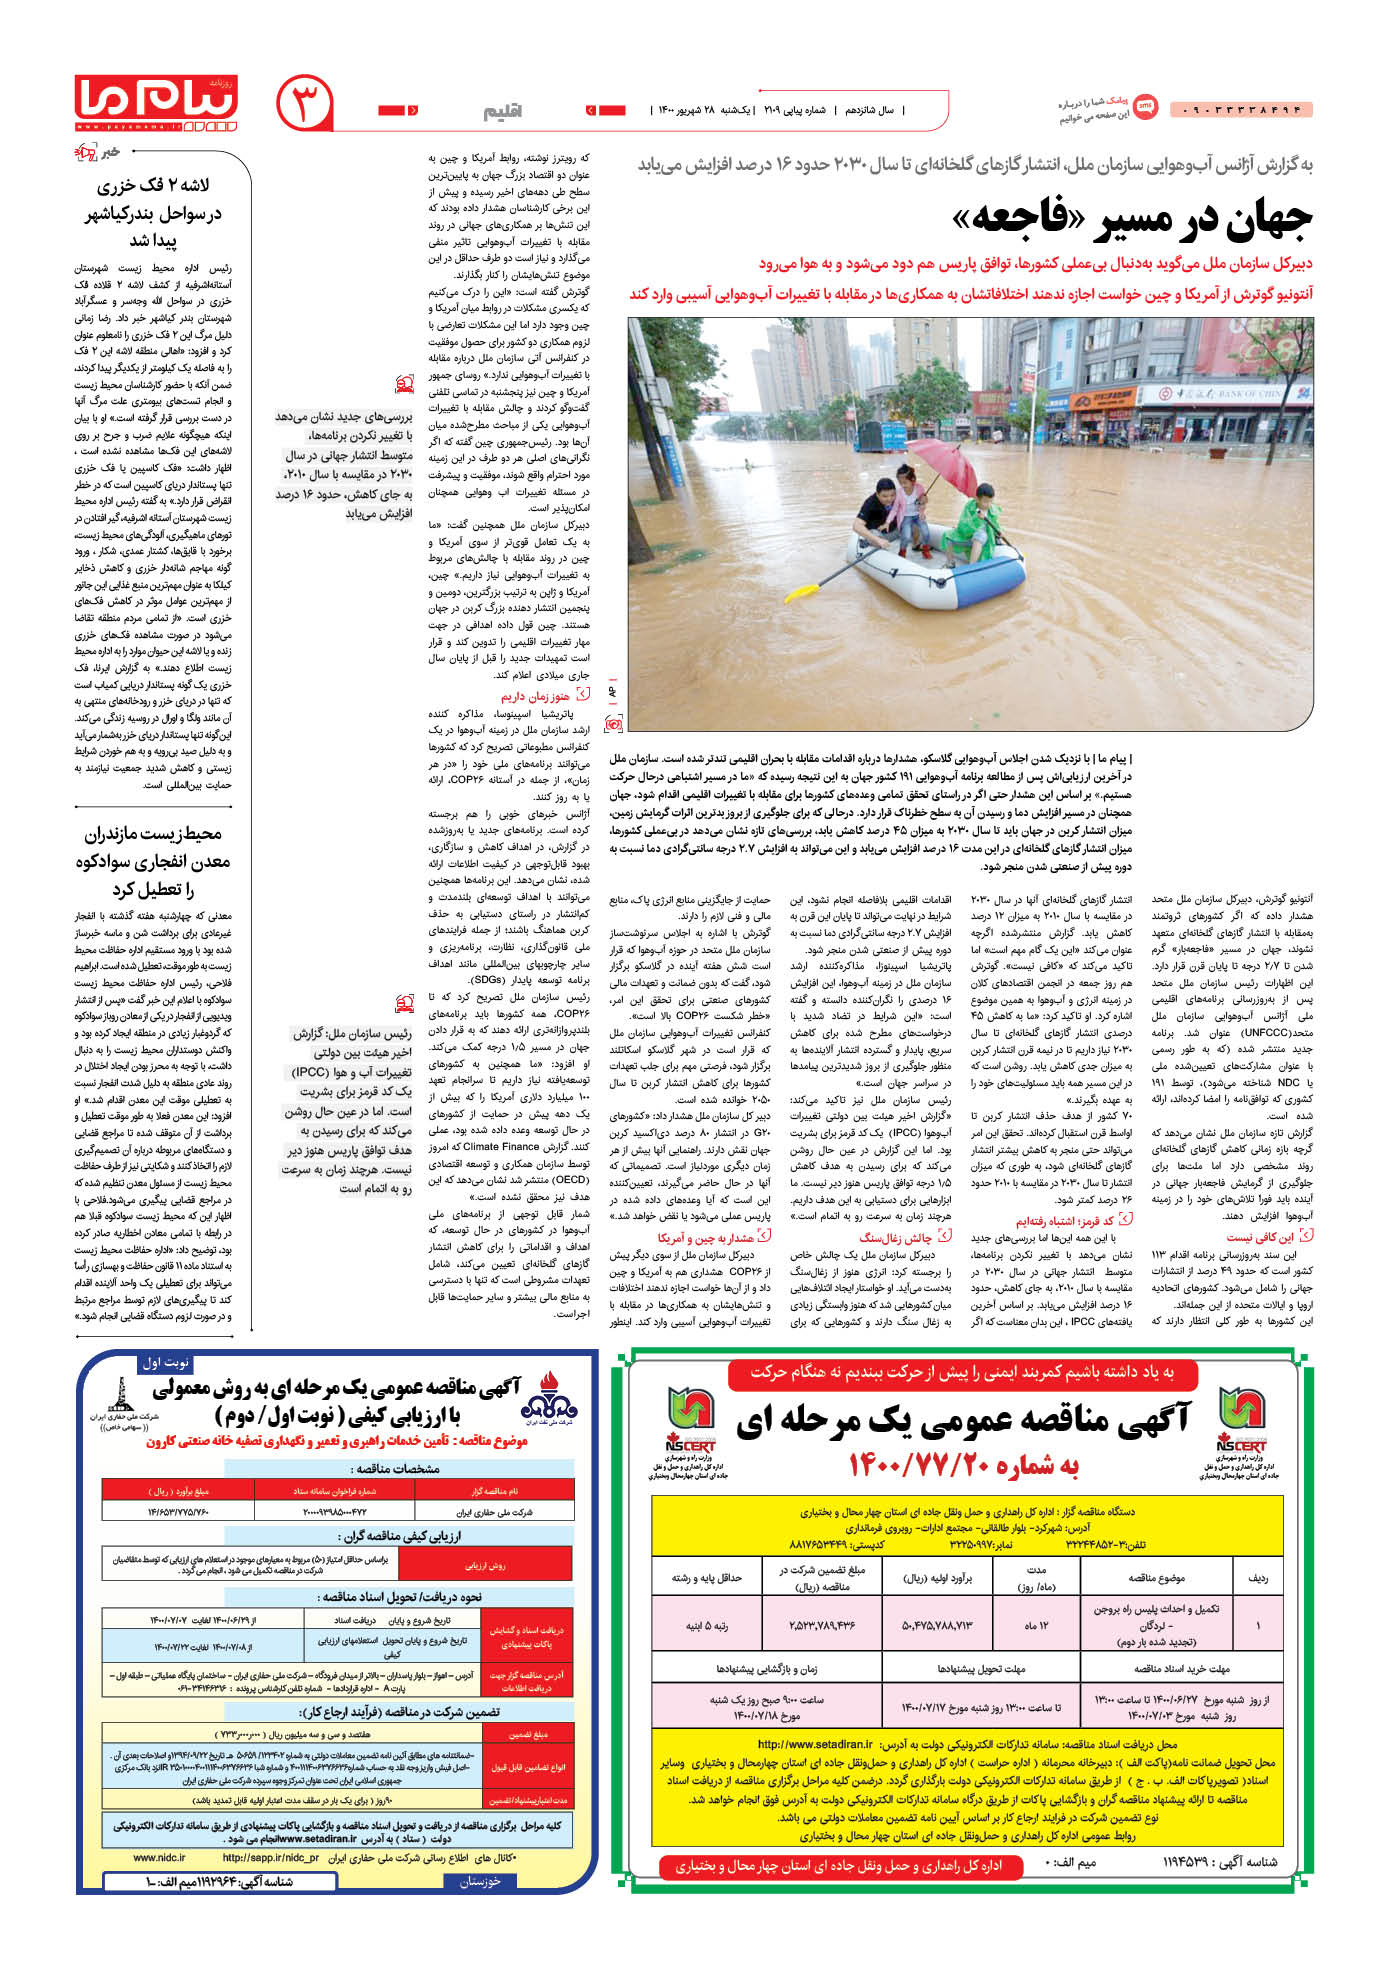 صفحه اقلیم شماره 2109 روزنامه پیام ما